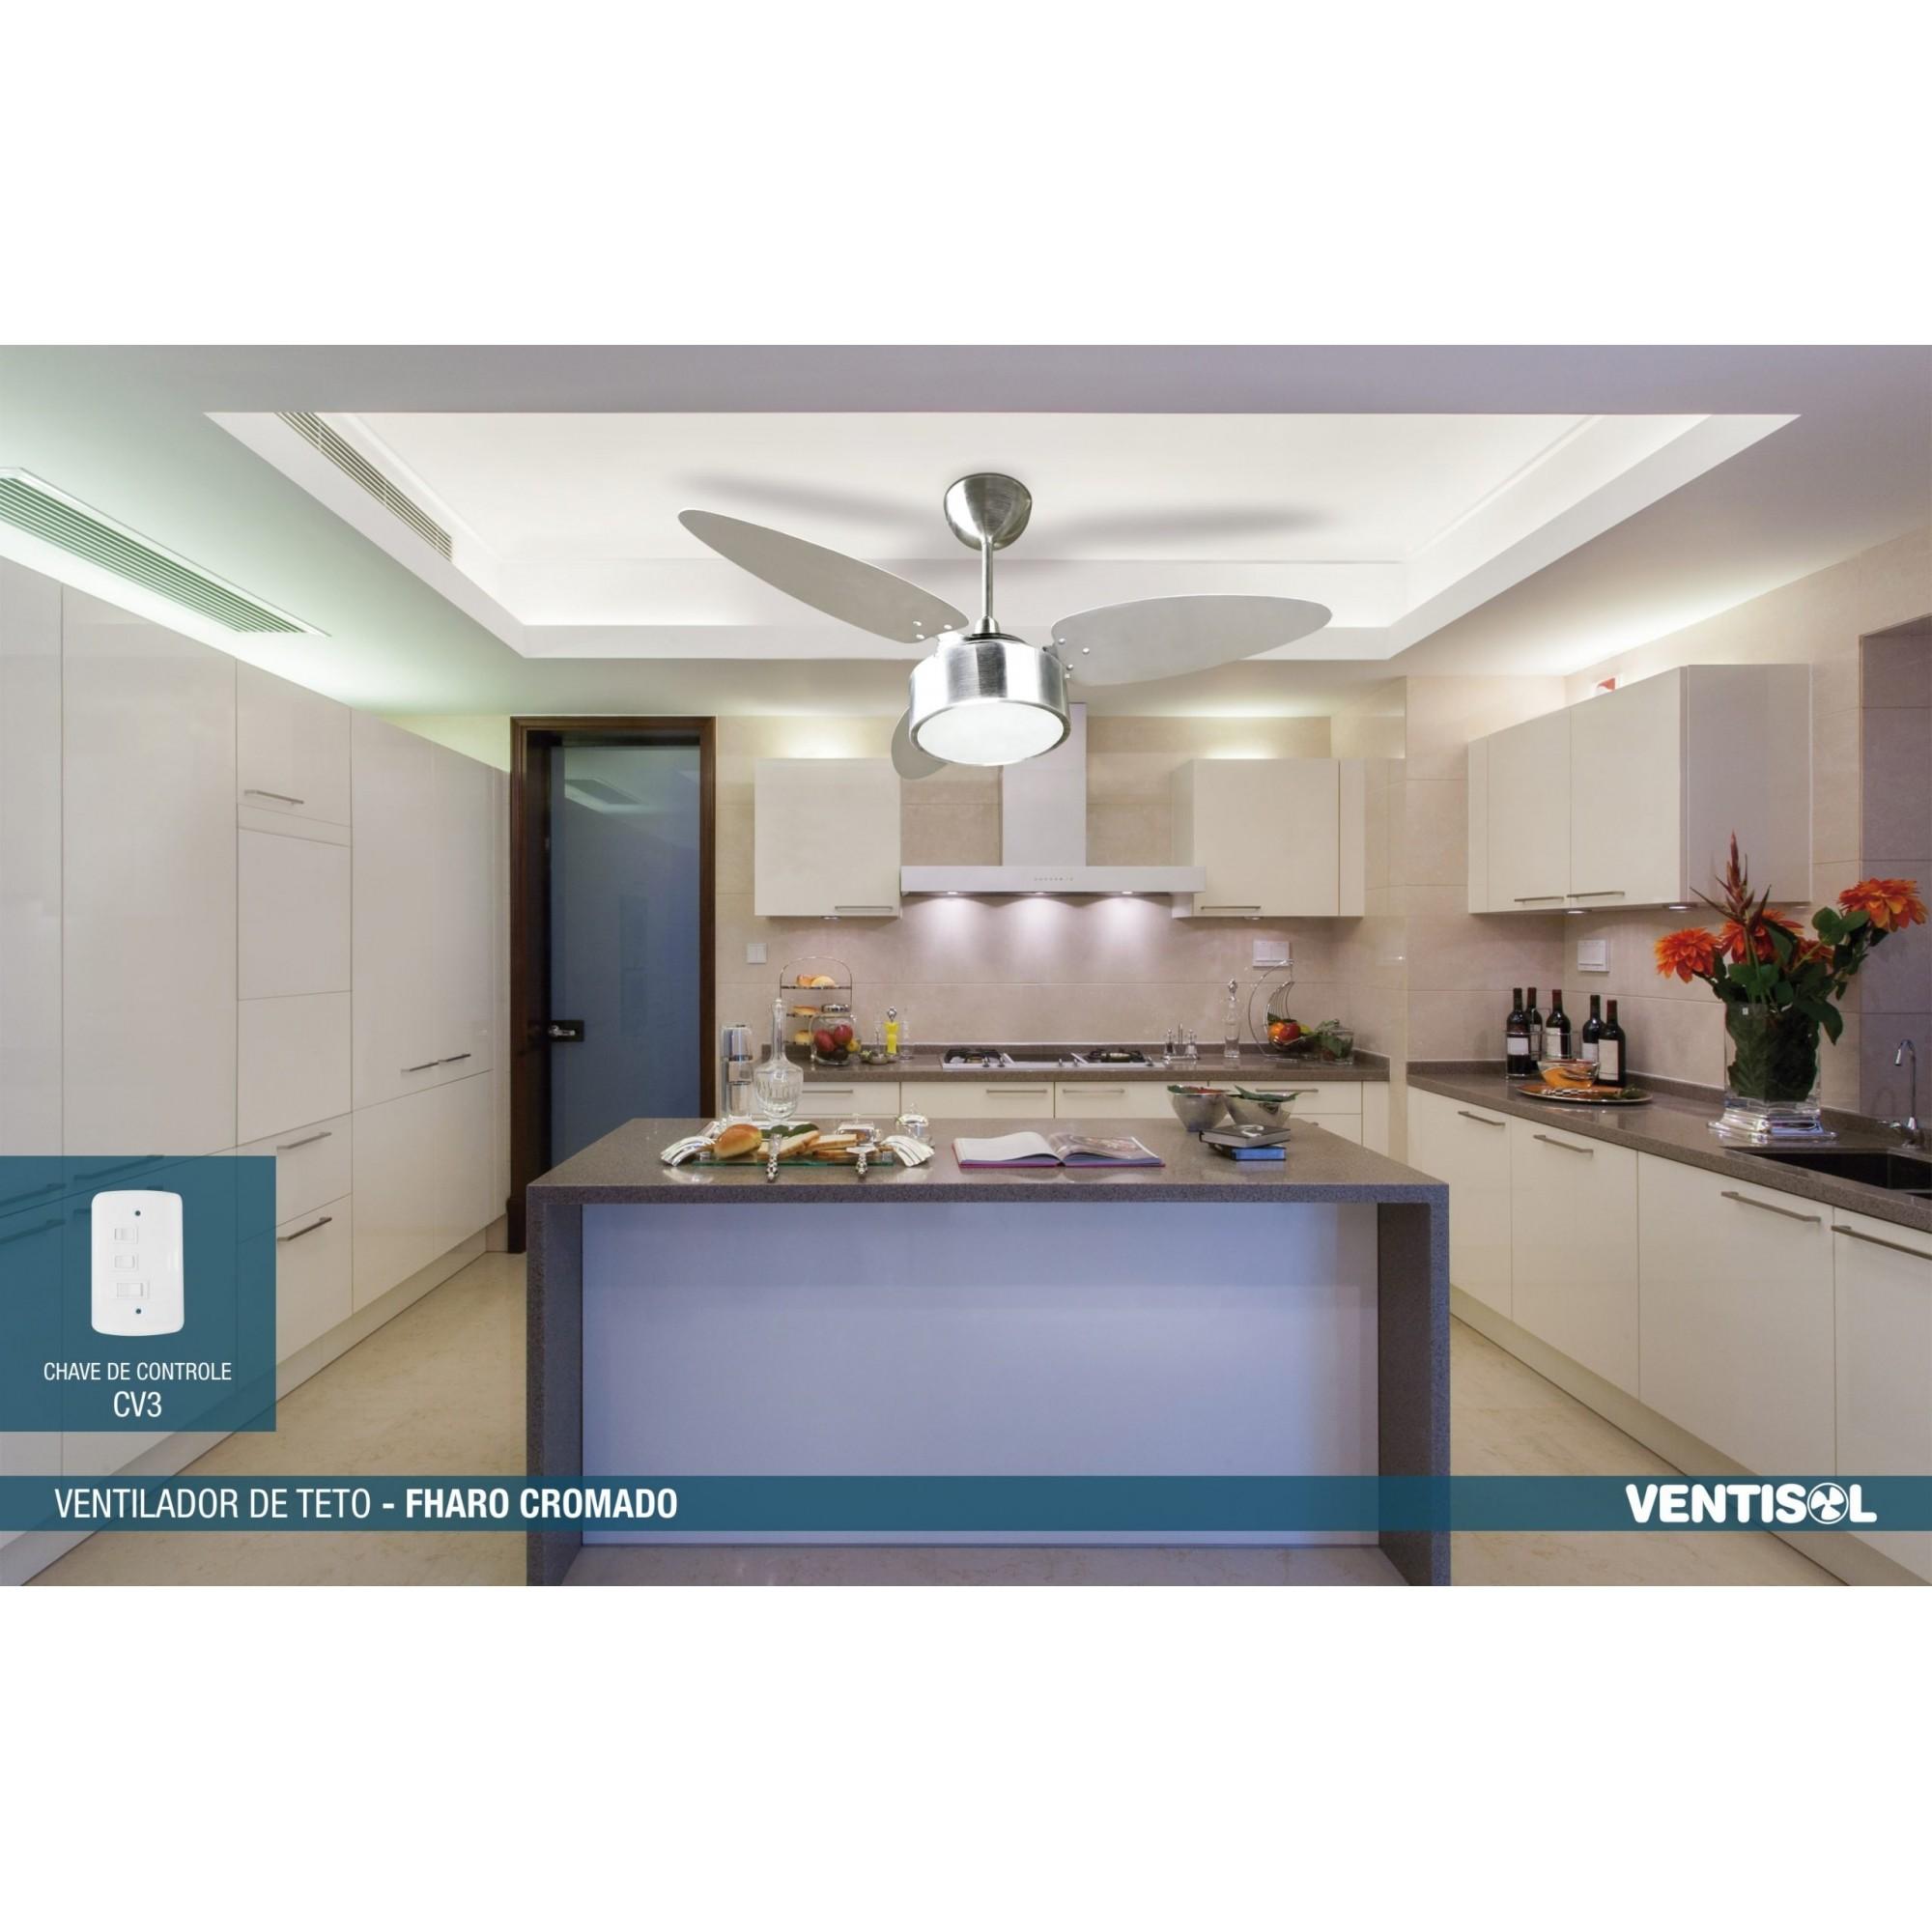 Ventilador Teto Fharo Alum Esc 3p Dupla Face 220v Premium   - A ELETRICA ONLINE